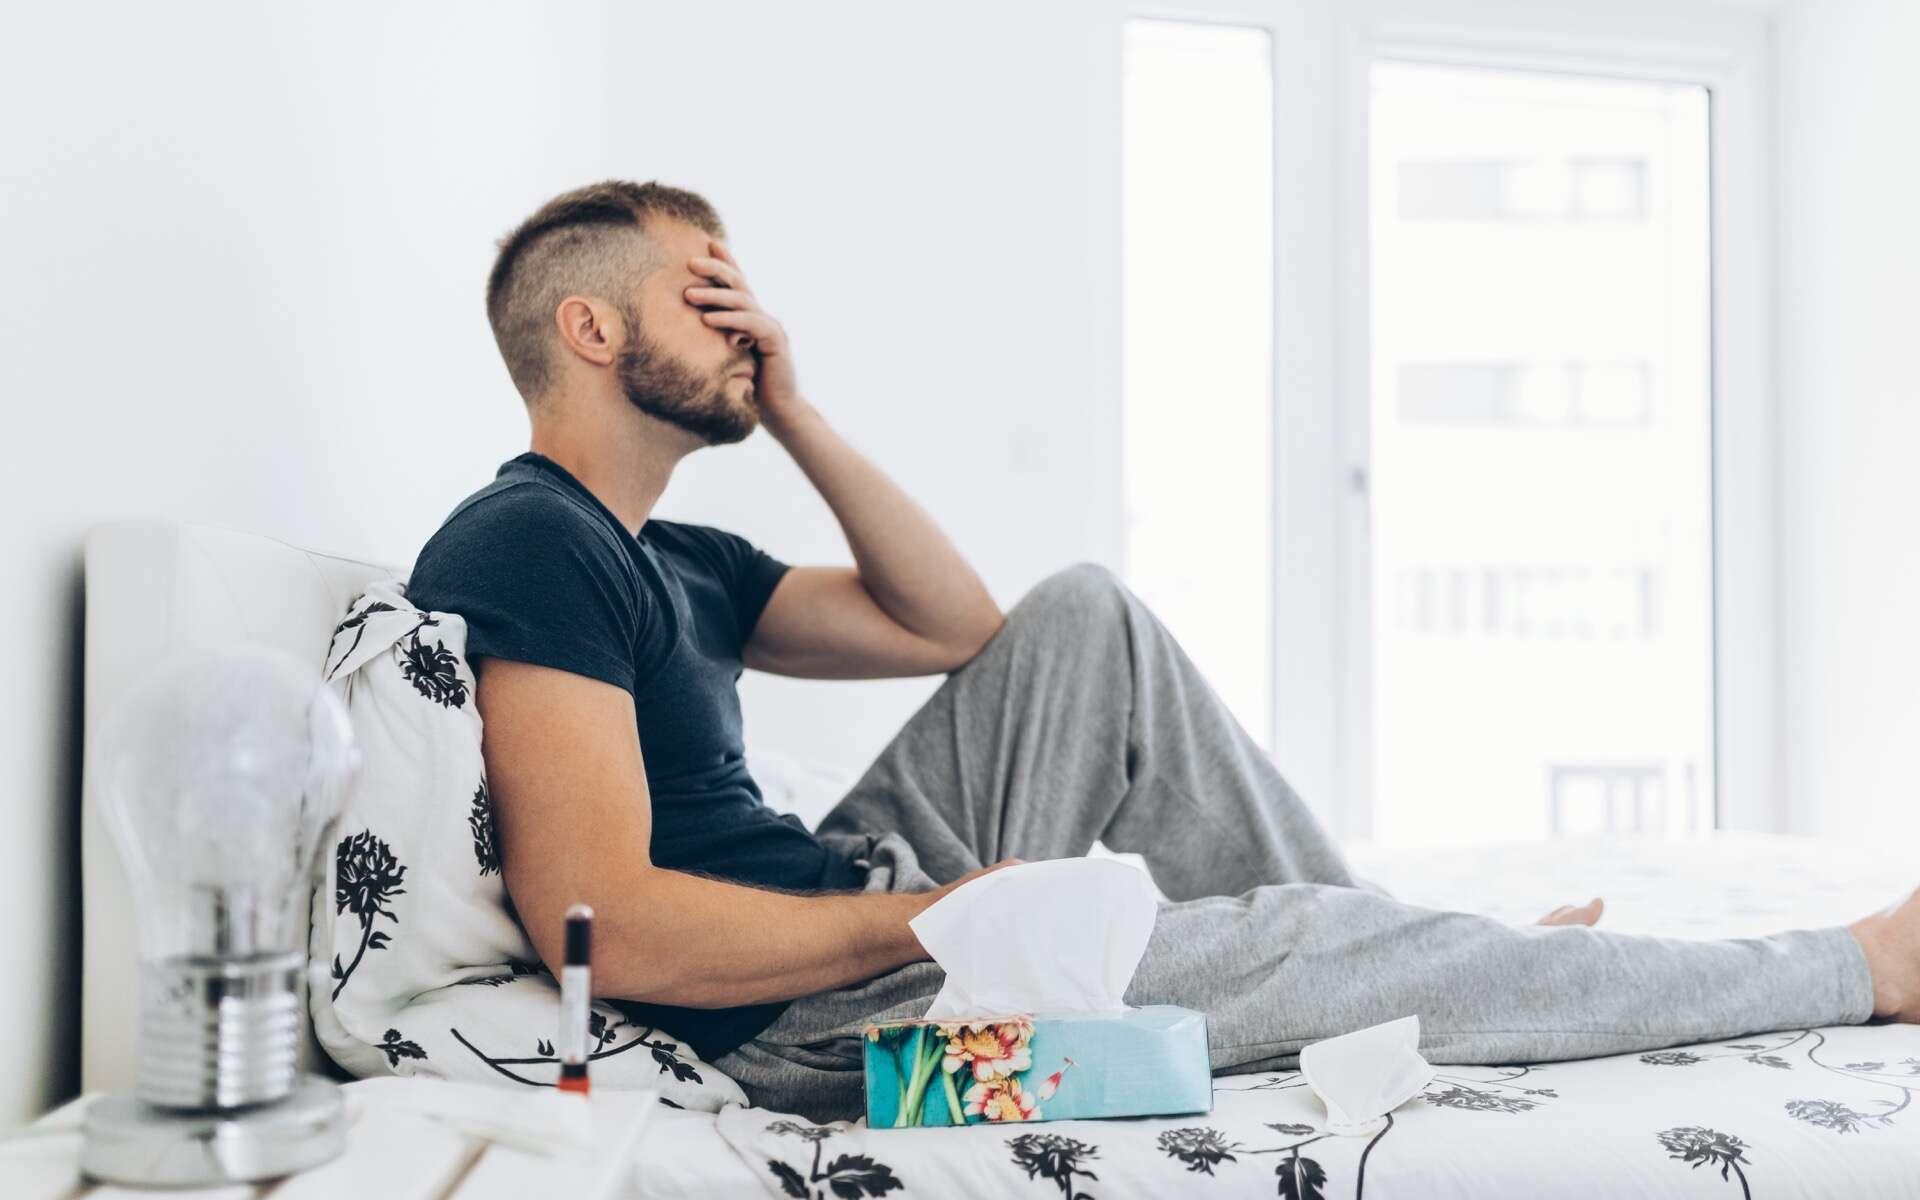 Plusieurs semaines après avoir été infectées, les personnes souffrant de la Covid-longue sont encore fatiguées et essoufflées. © and.on, Adobe Stock